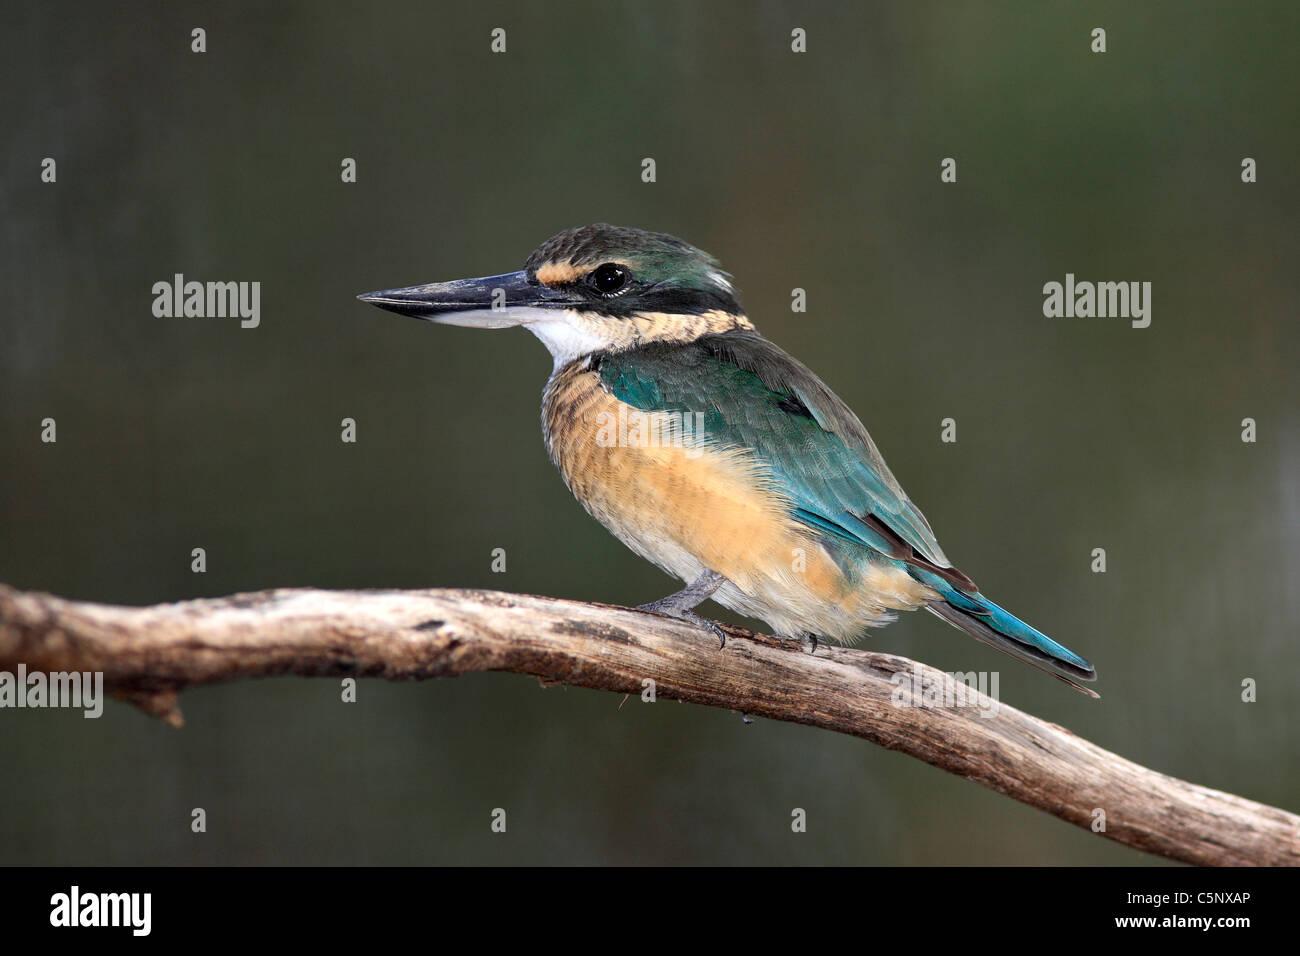 Sacred Kingfisher,Todiramphus sanctus, also known as Halcyon sancta. Dubbo, NSW, Australia - Stock Image